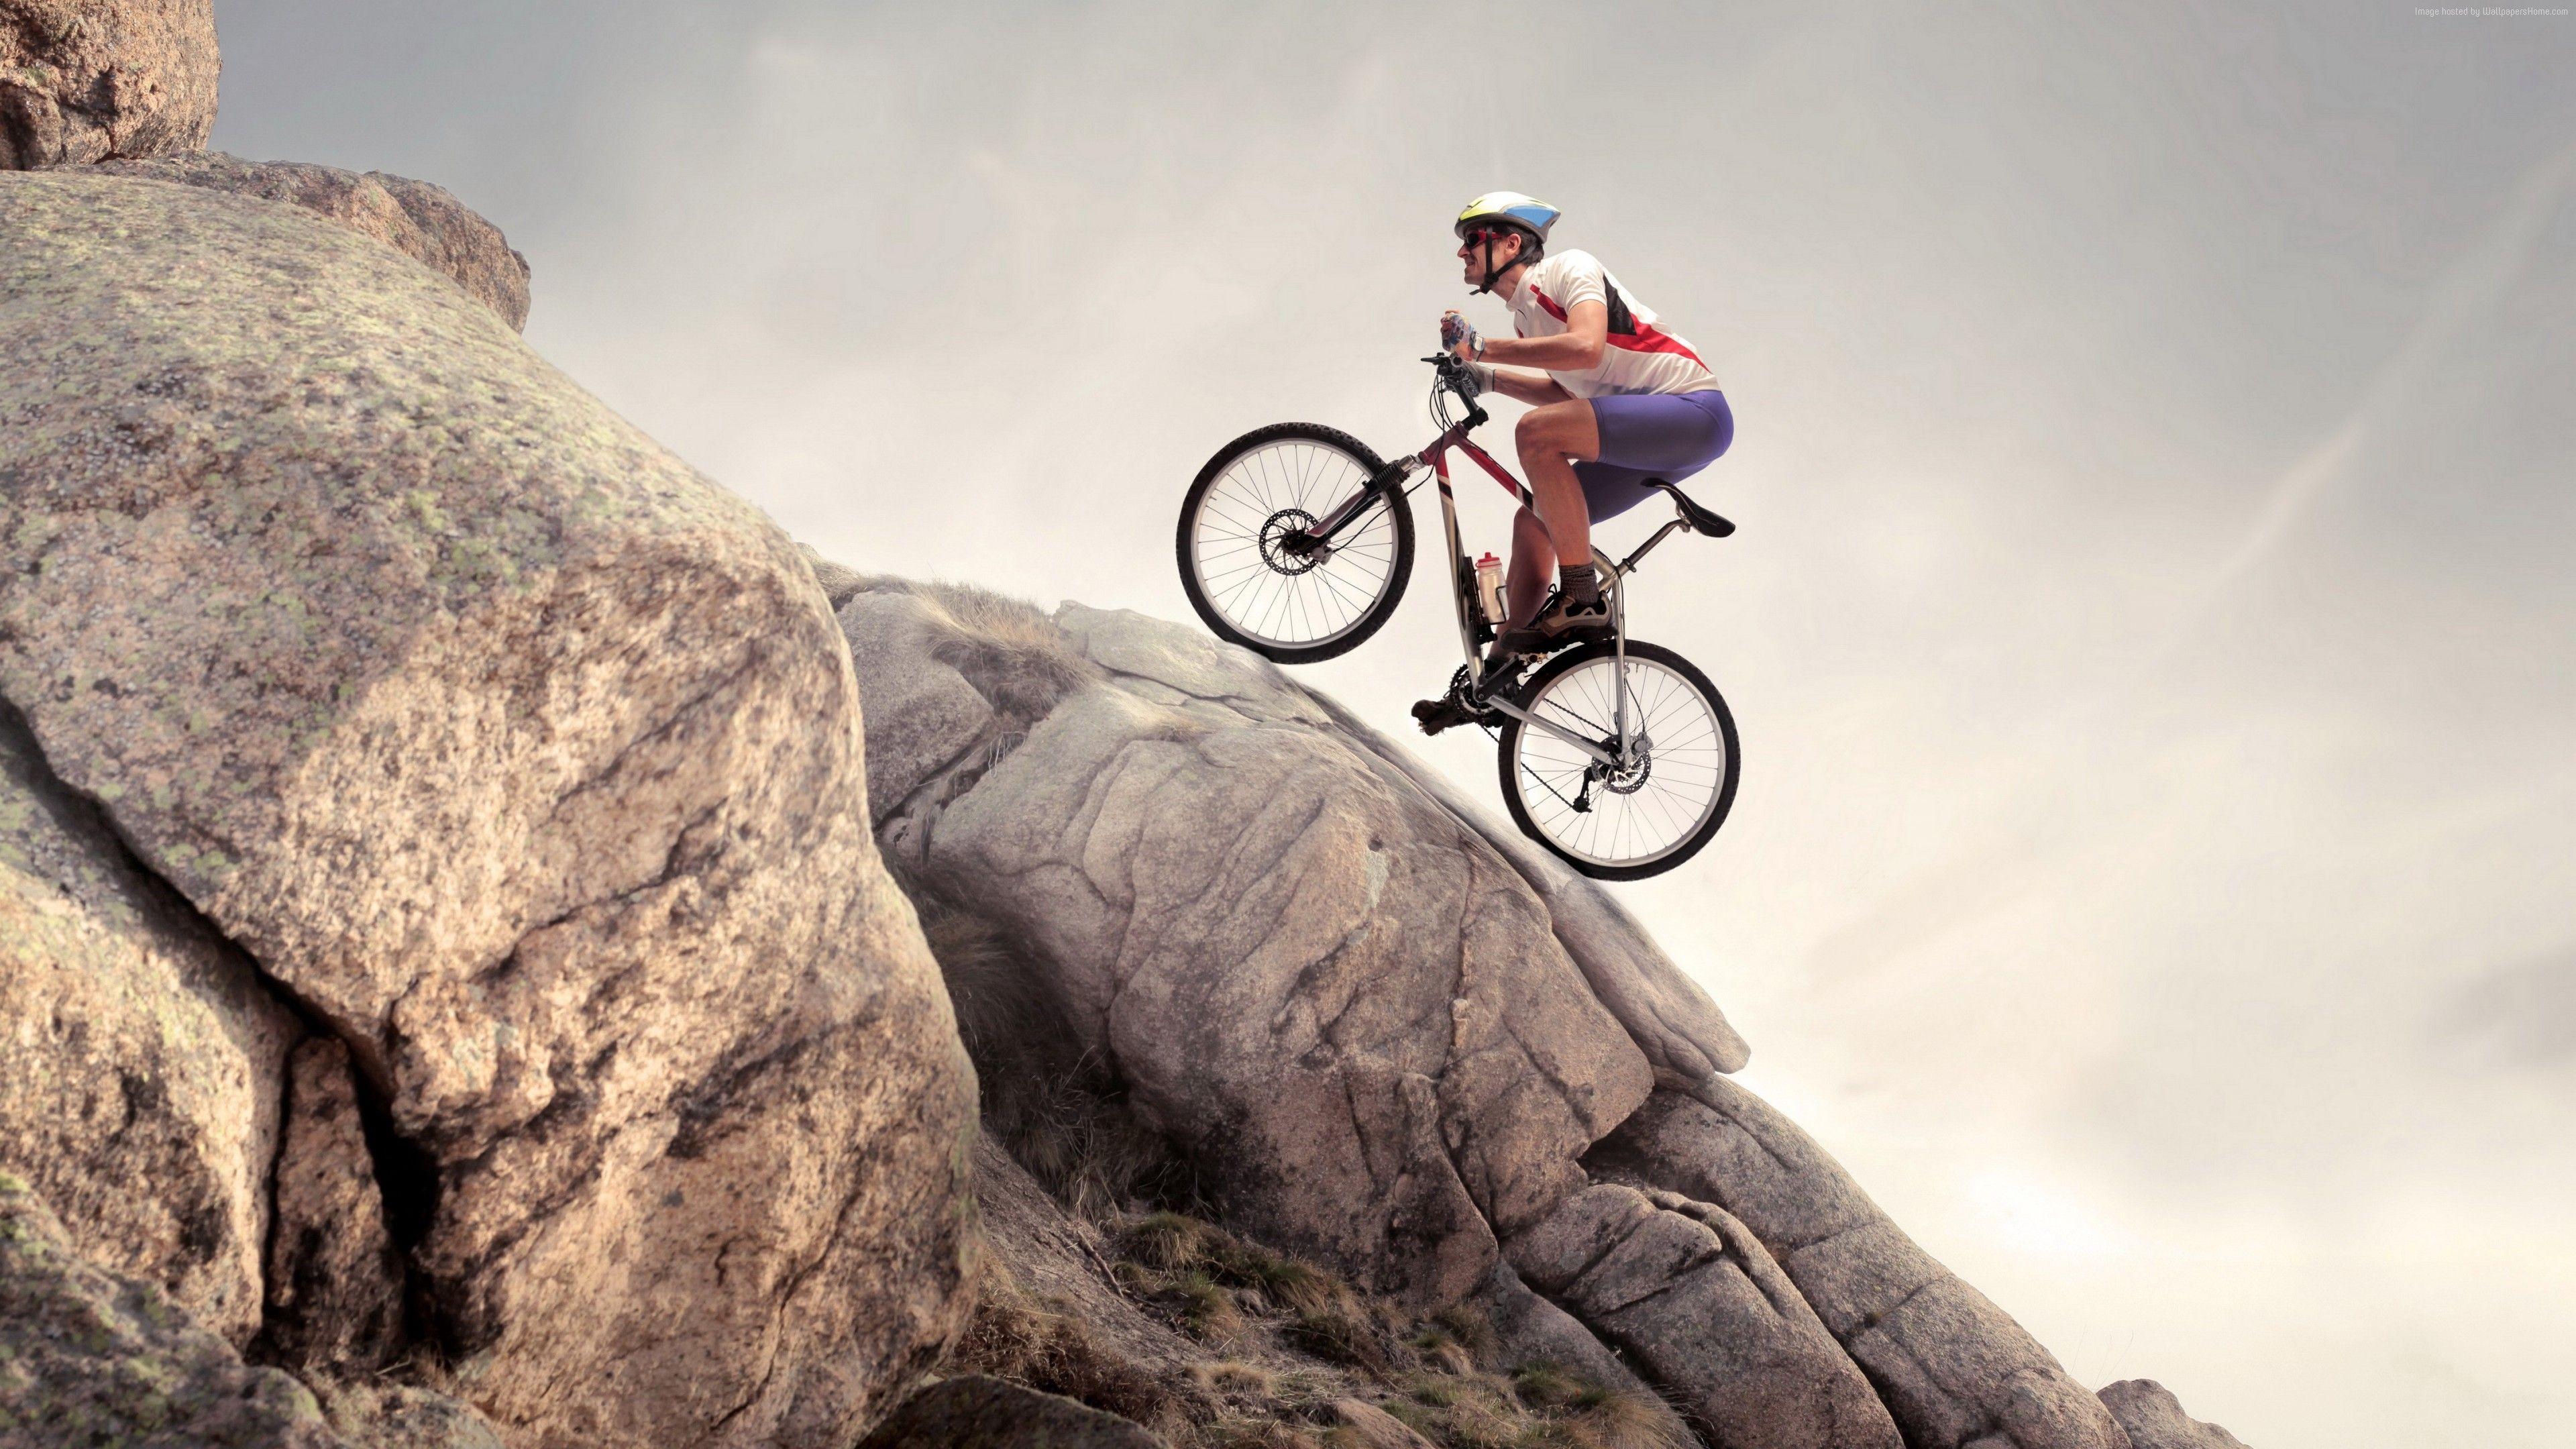 Wallpapers For Gt Fox Mountain Bike Wallpaper Mountain Biking